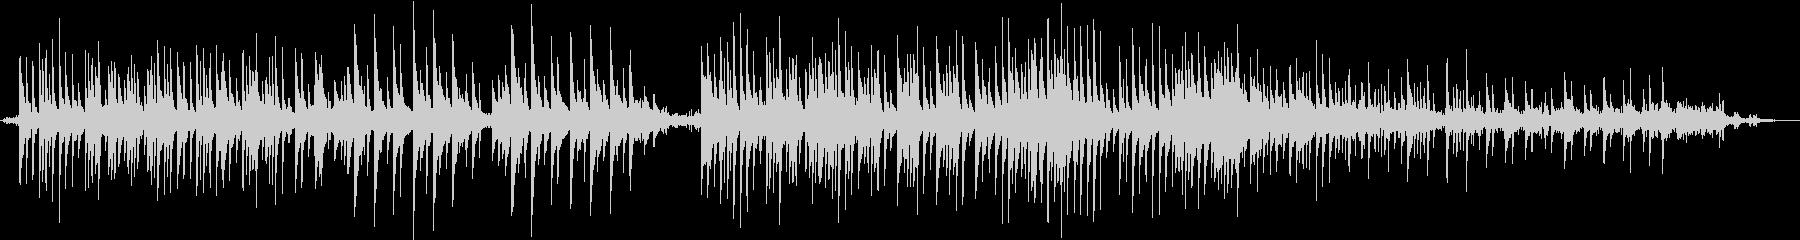 静かなピアノ曲3拍子 雨の音と効果音の未再生の波形